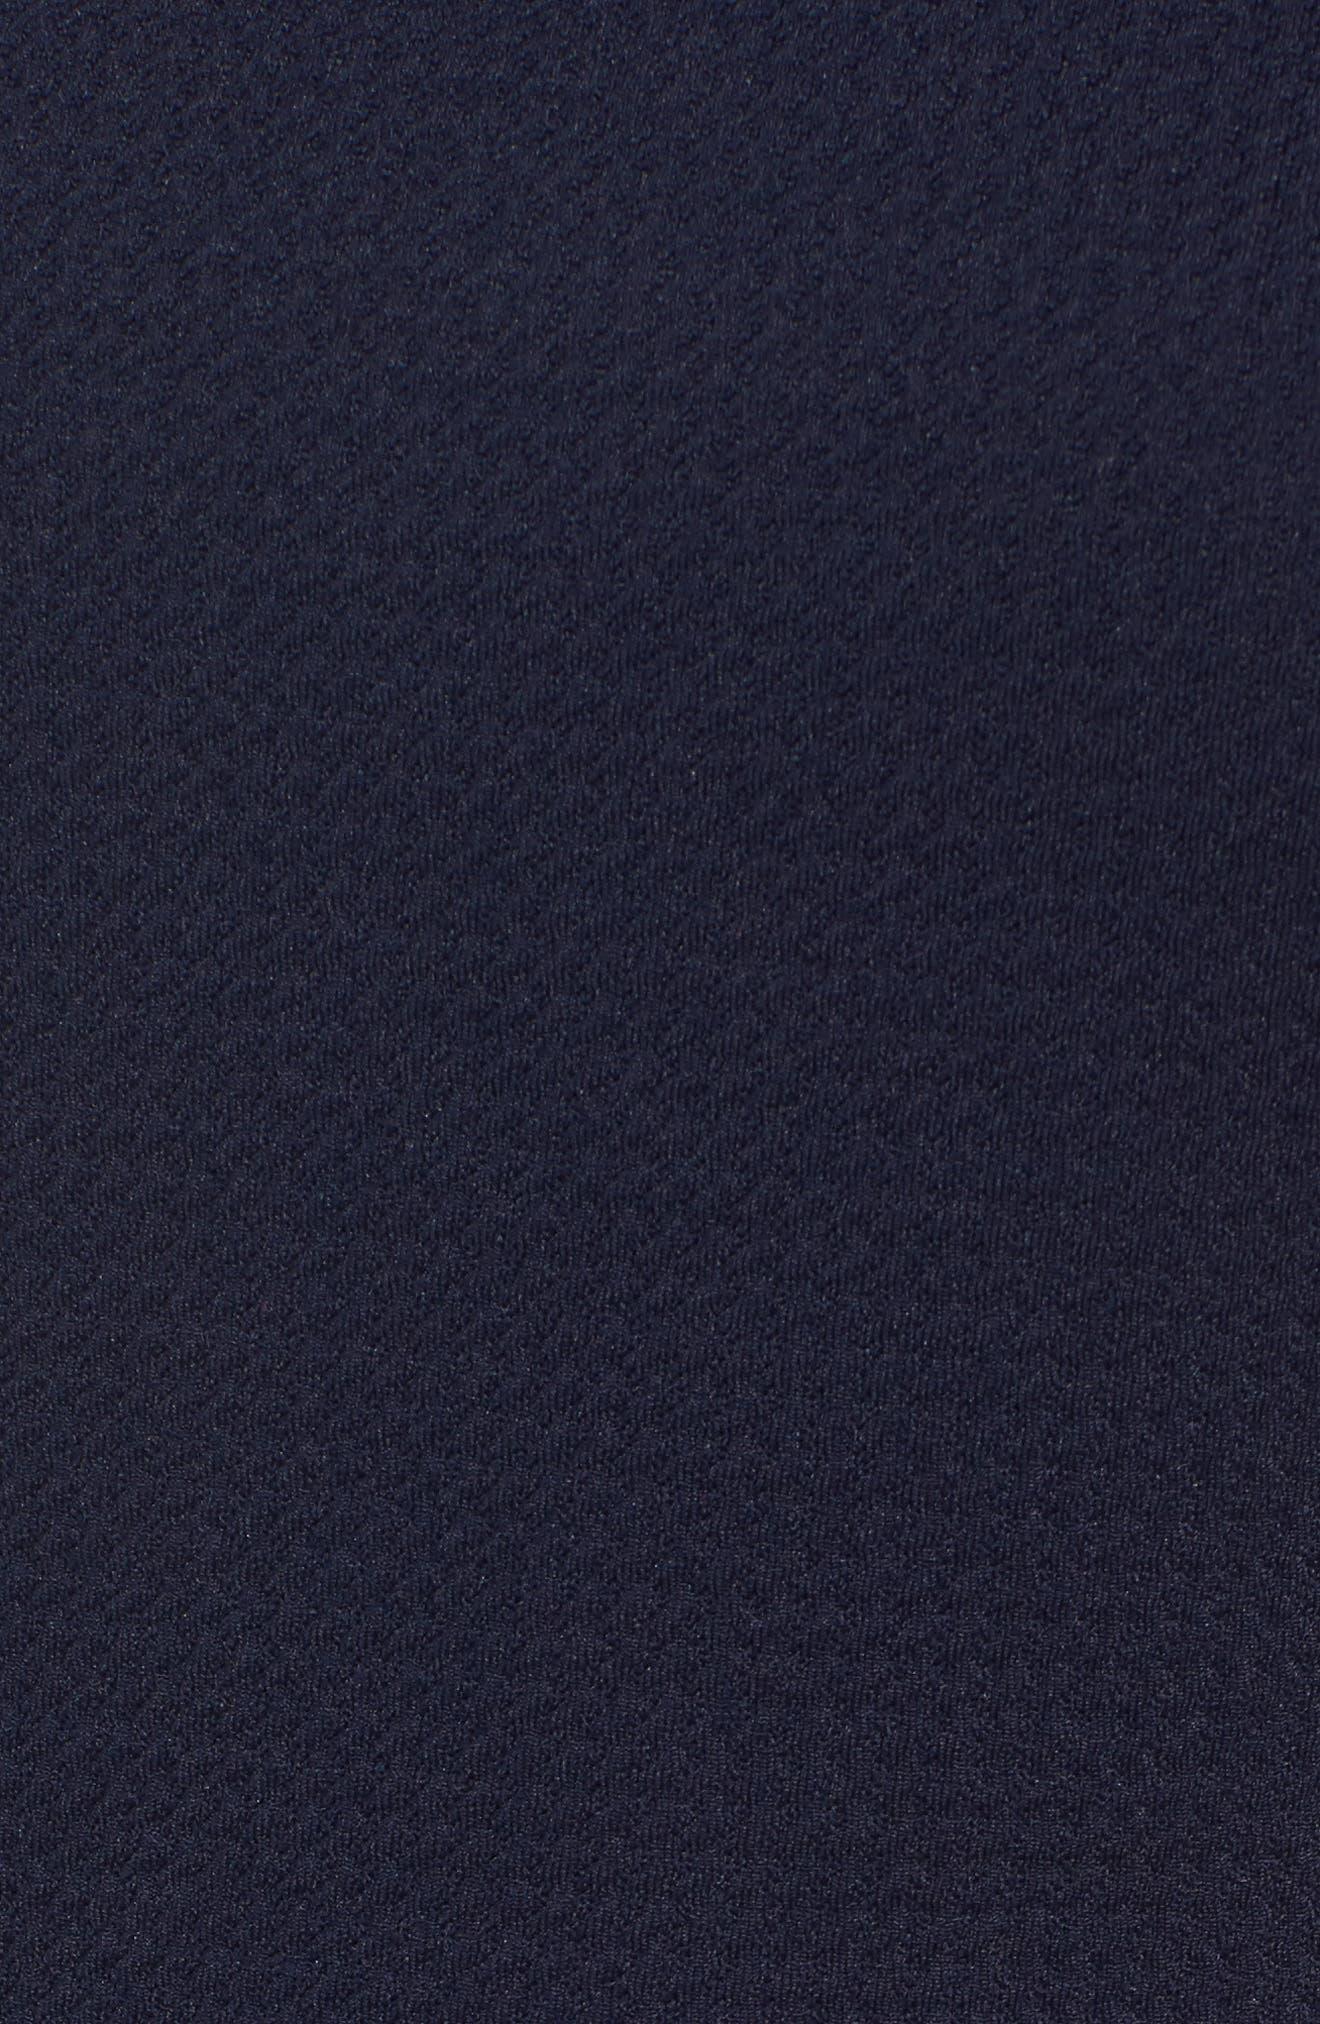 Ruffle Hem Knit Dress,                             Alternate thumbnail 5, color,                             415